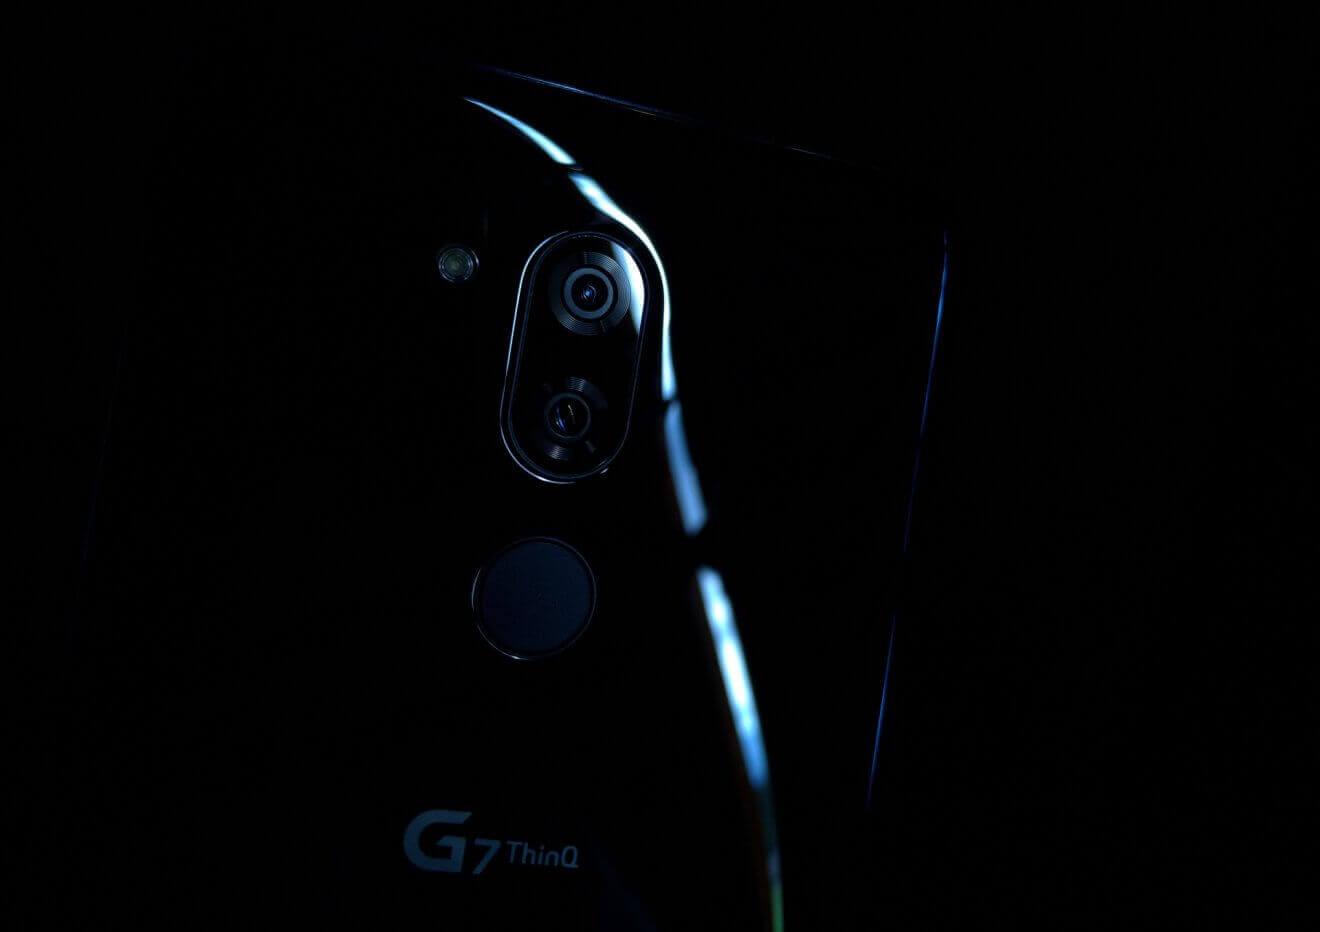 LG G7 ThinQ, um dos melhores smartphones de 2018